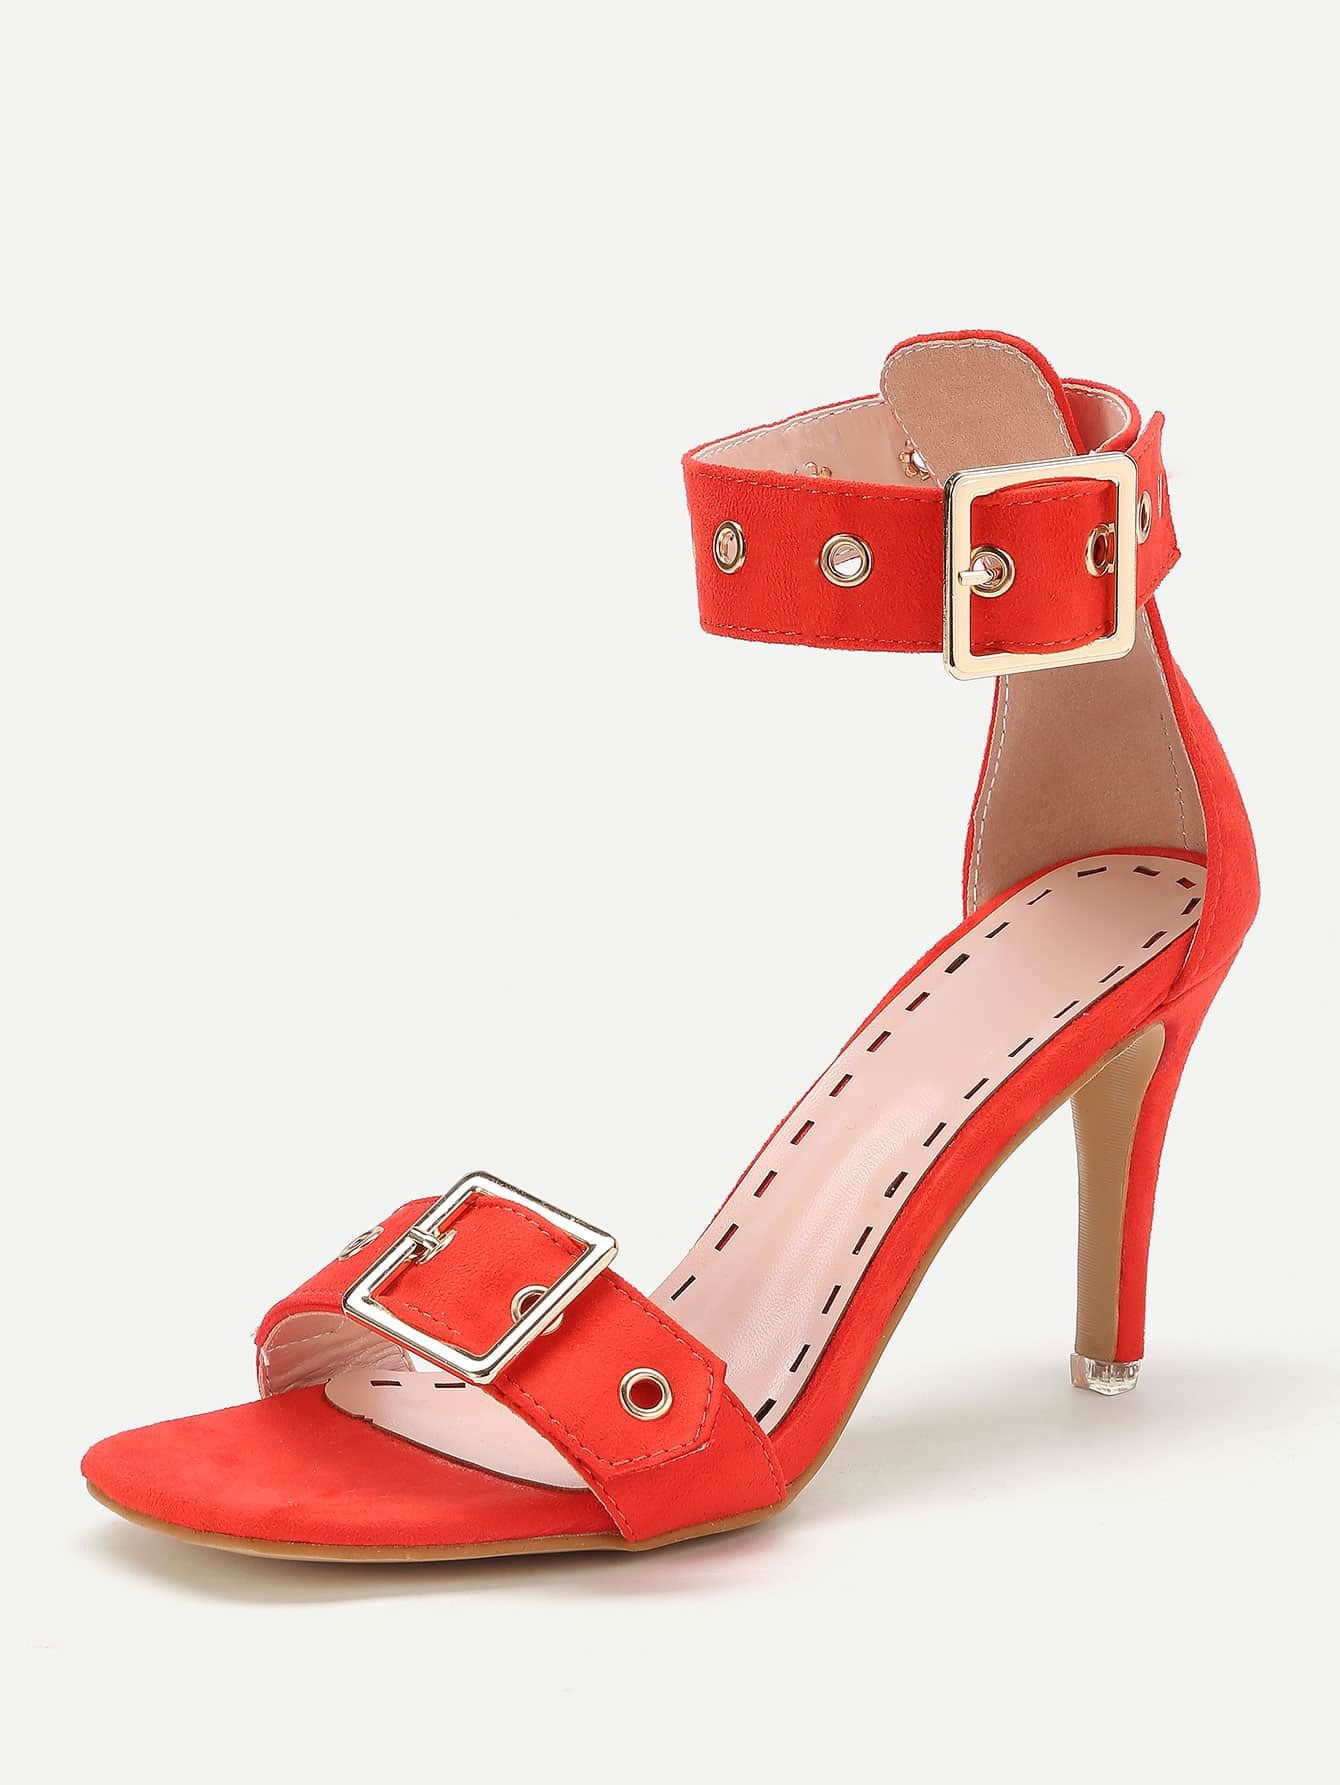 shoes170426805_2